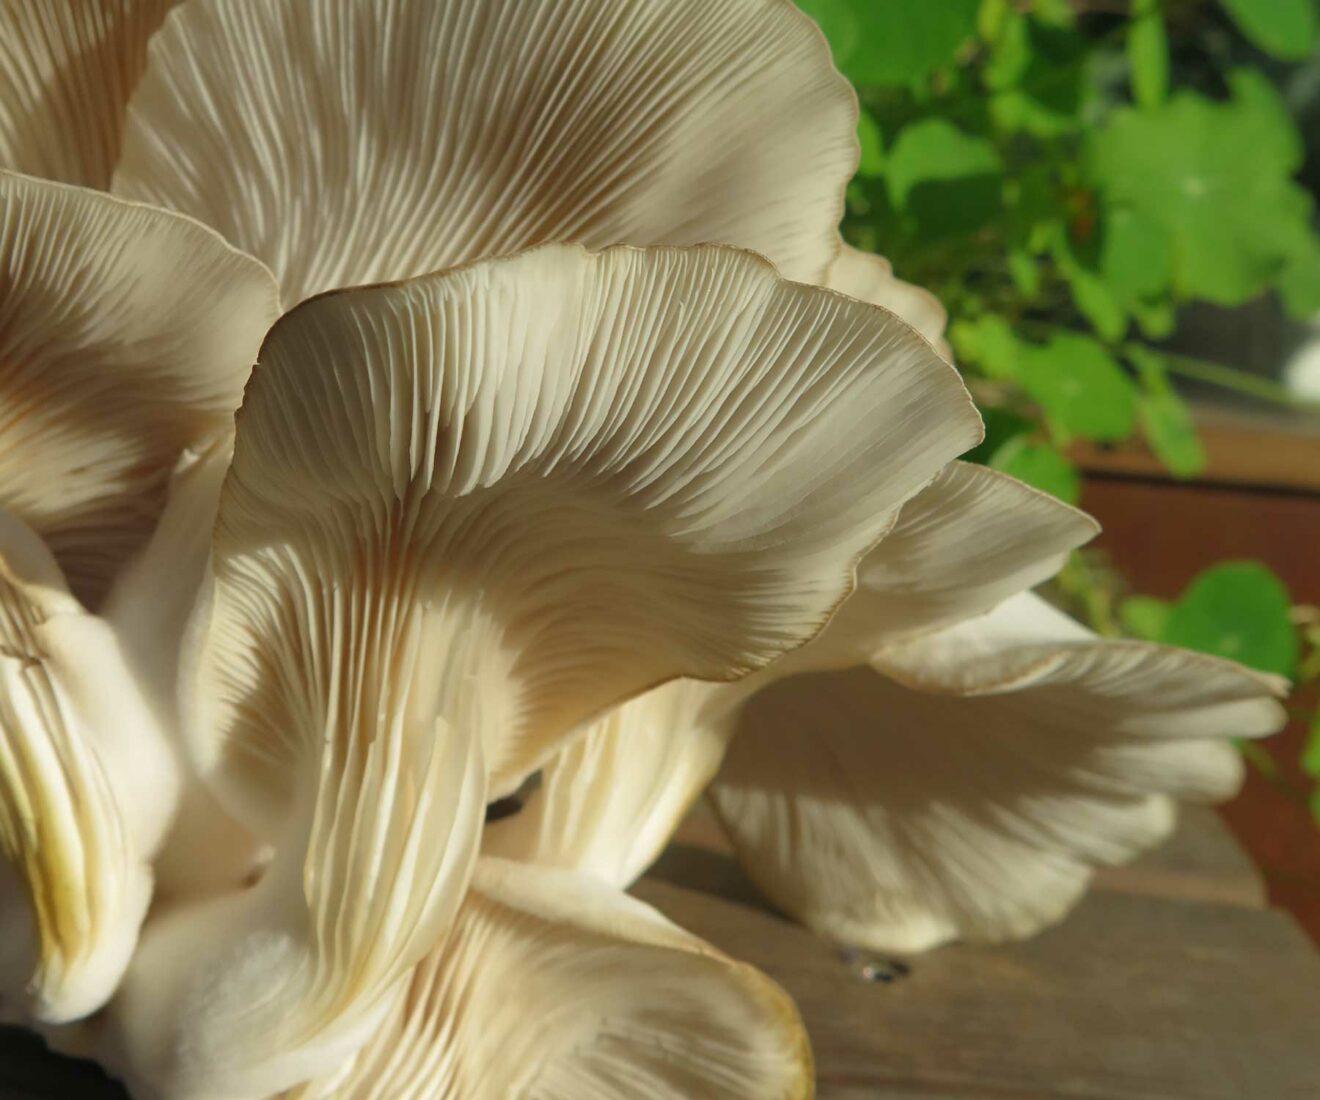 TagTomats SvampeUnivers: Dyrkning af spiselige svampe derhjemme